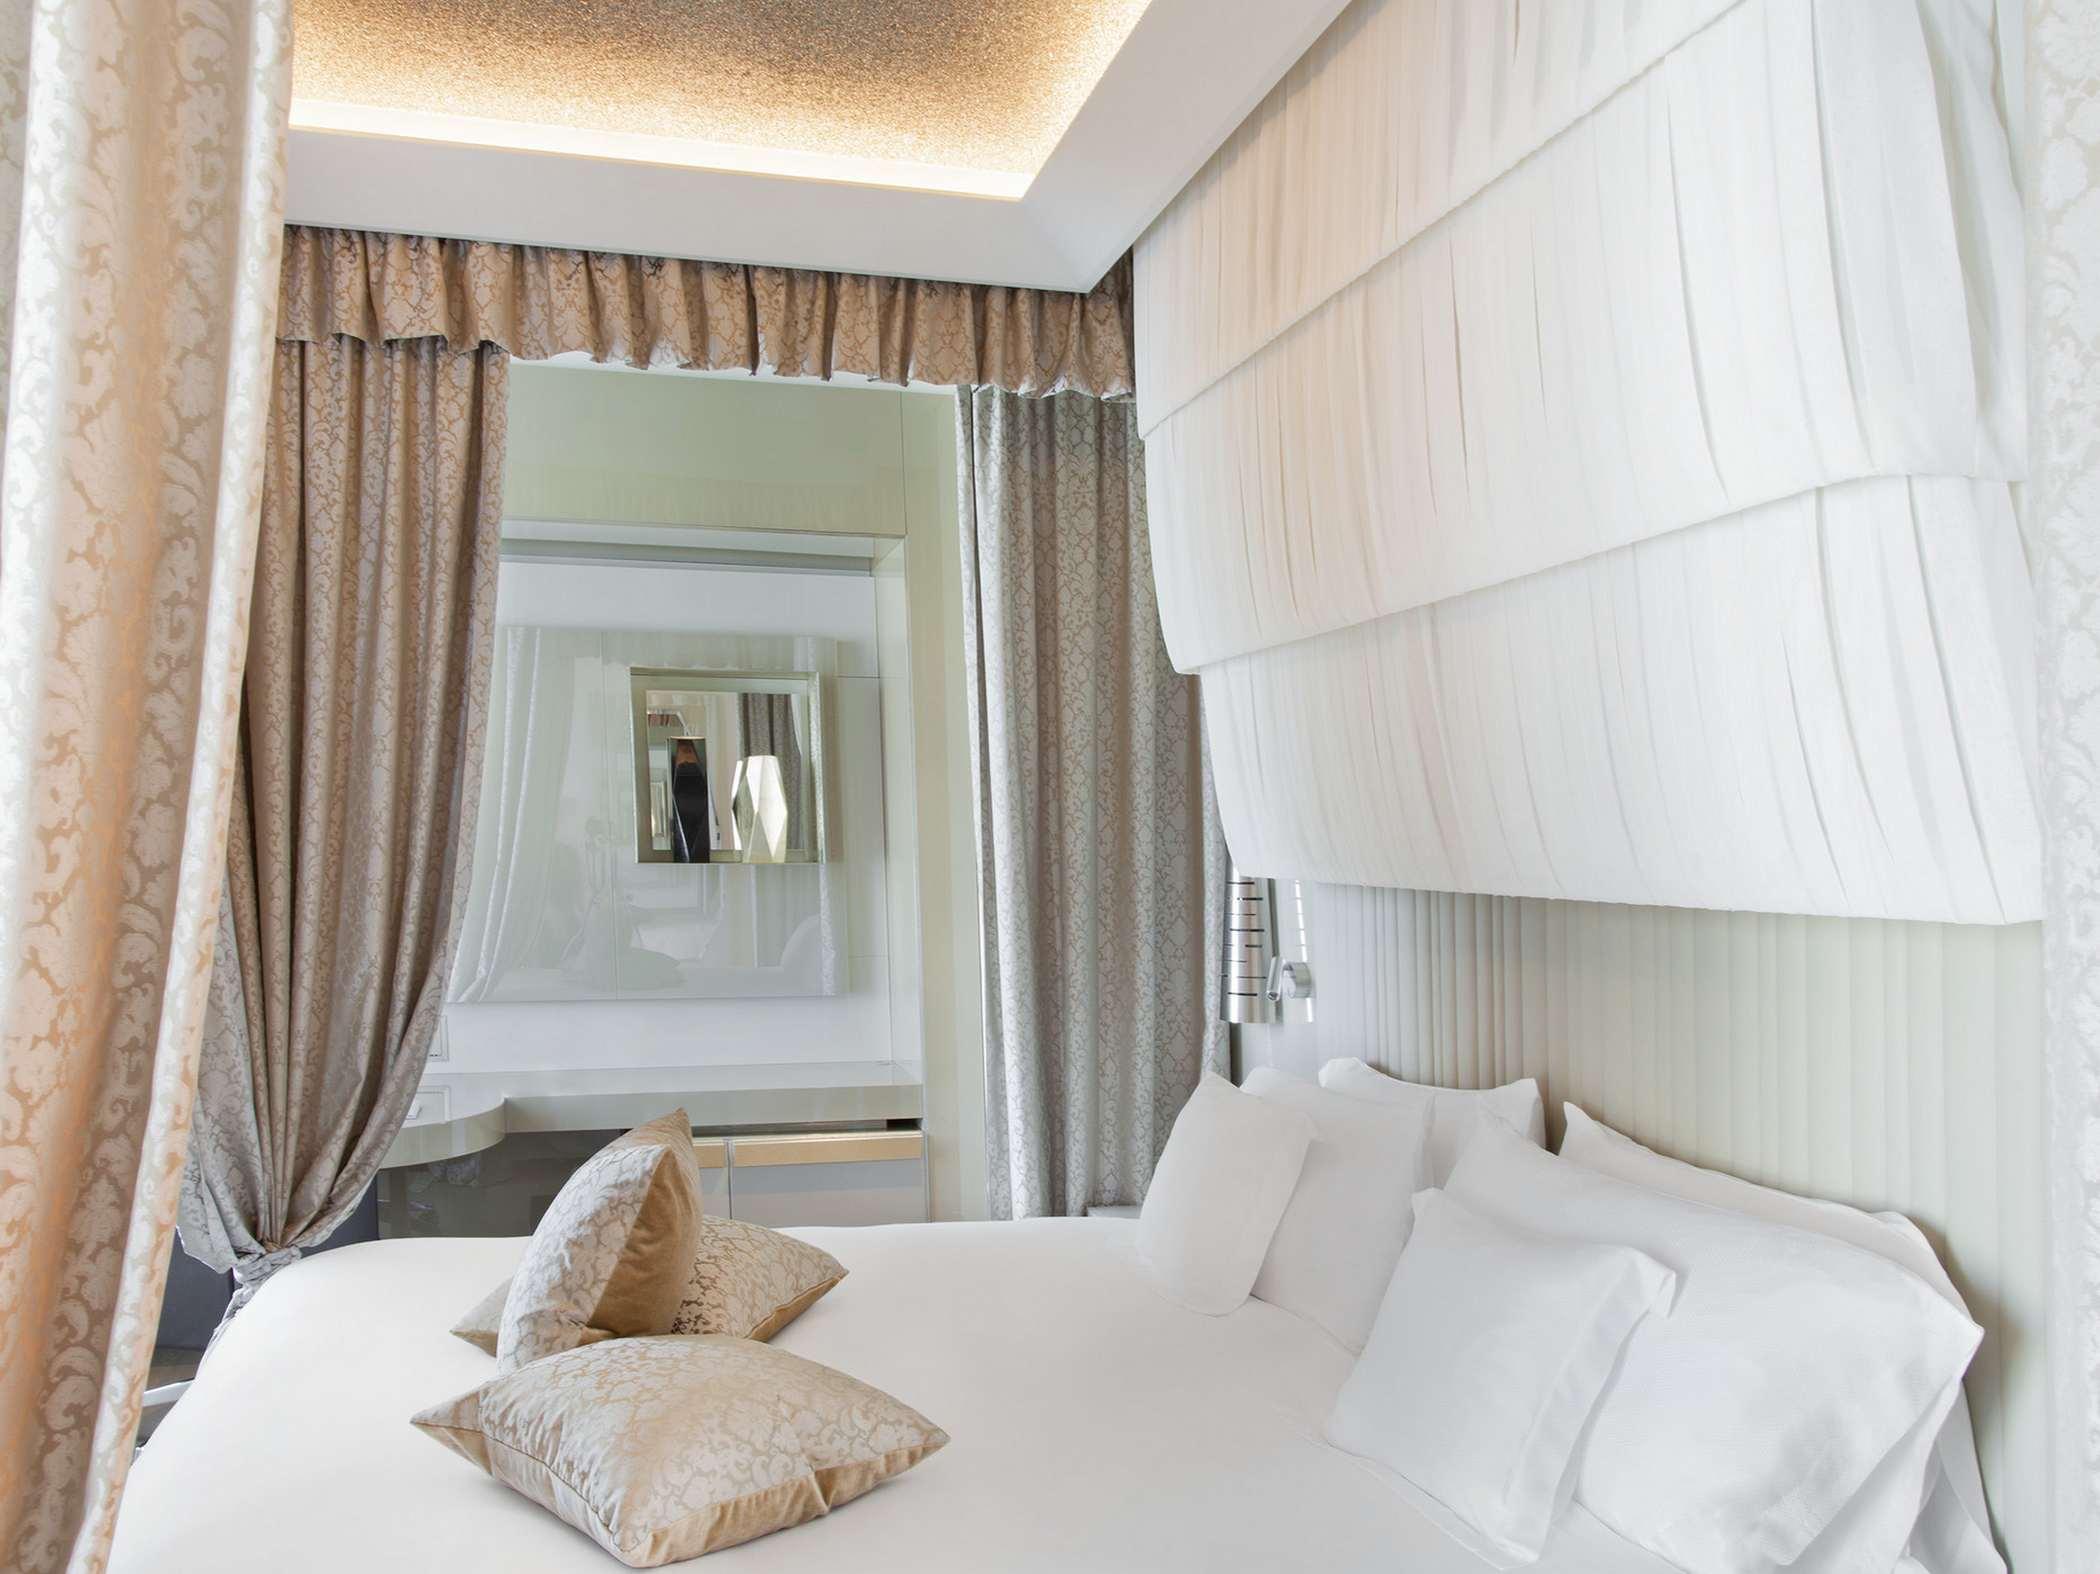 excelsior-hotel-gallia-gallia-suite-bed